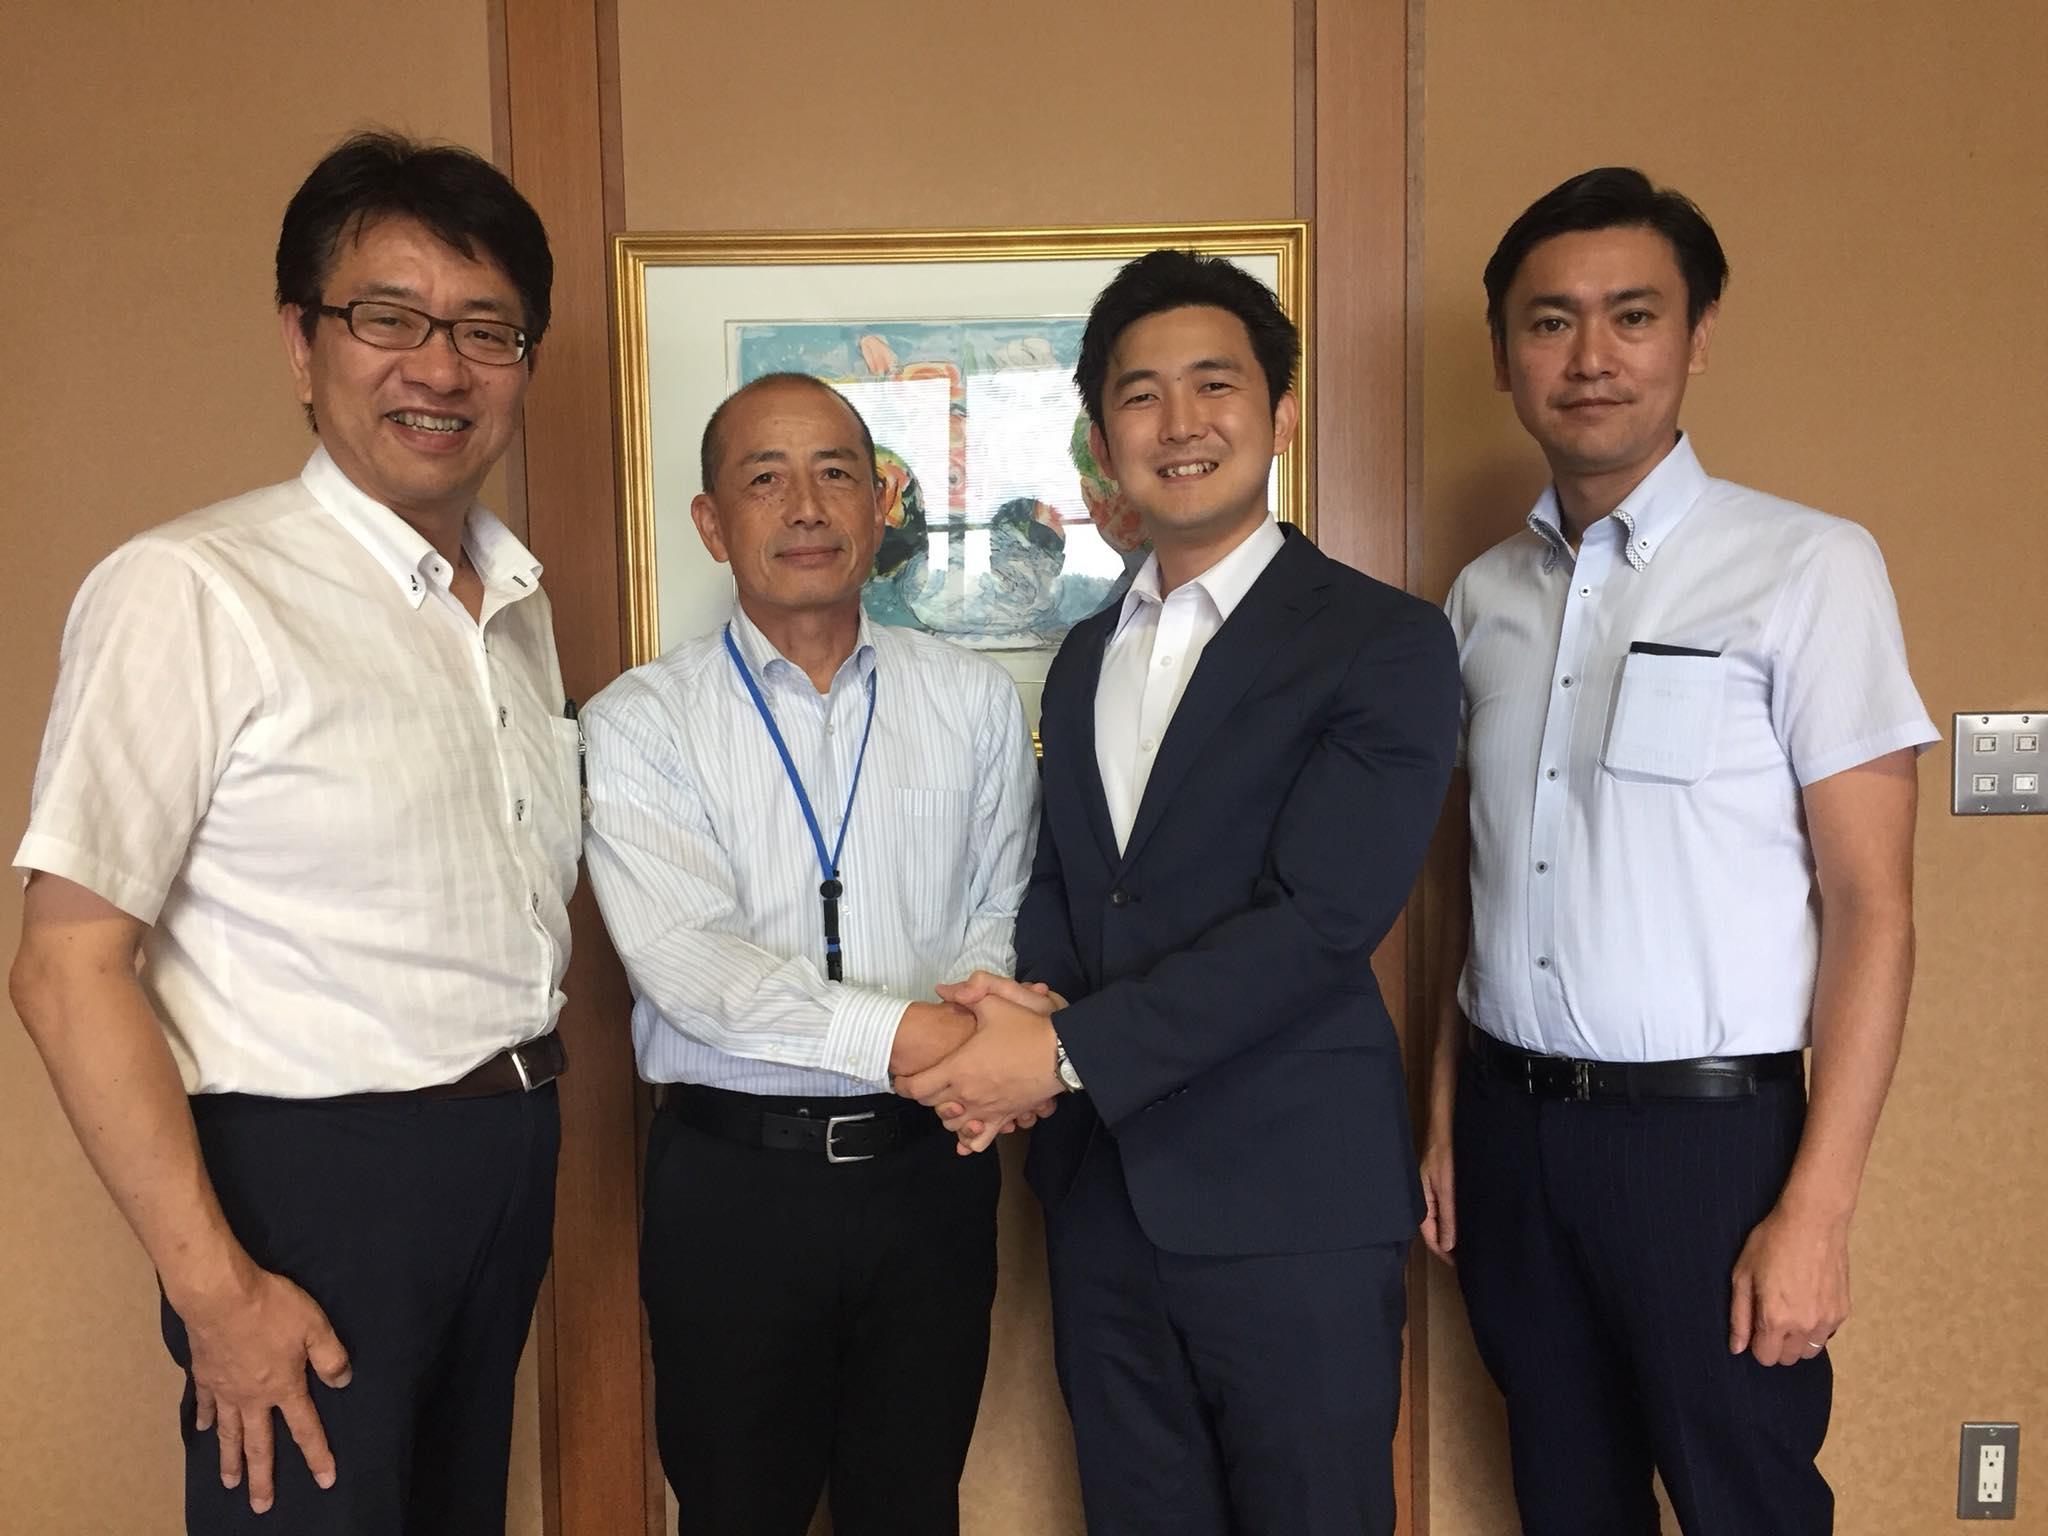 愛知県健康づくり振興事業団の河隅彰ニ理事長